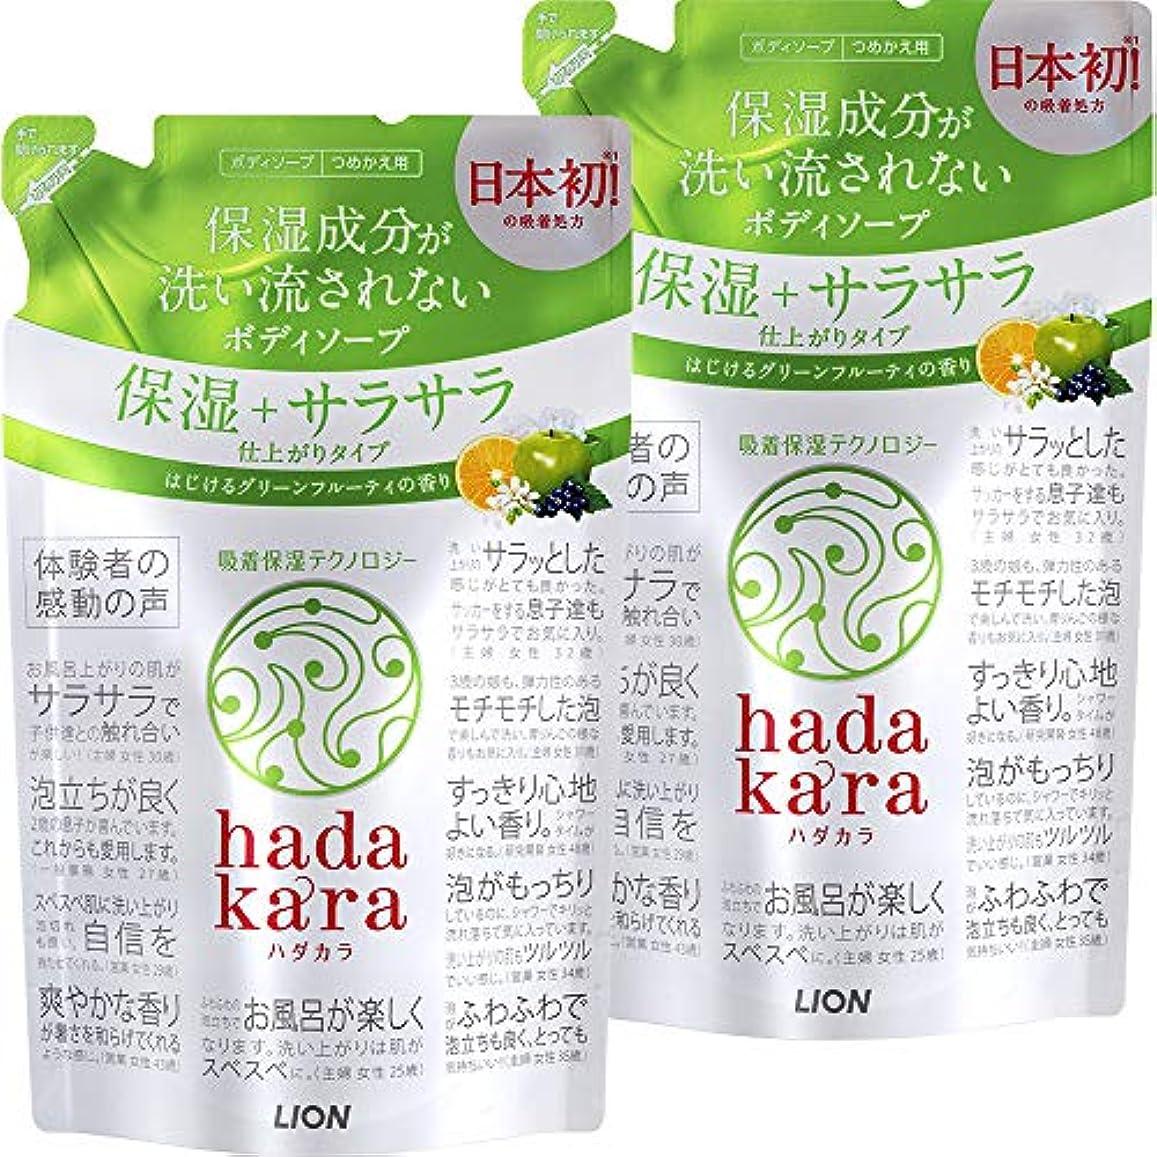 別の非難アウトドア【まとめ買い】hadakara(ハダカラ) ボディソープ 保湿+サラサラ仕上がりタイプ グリーンフルーティの香り 詰め替え 340ml×2個パック